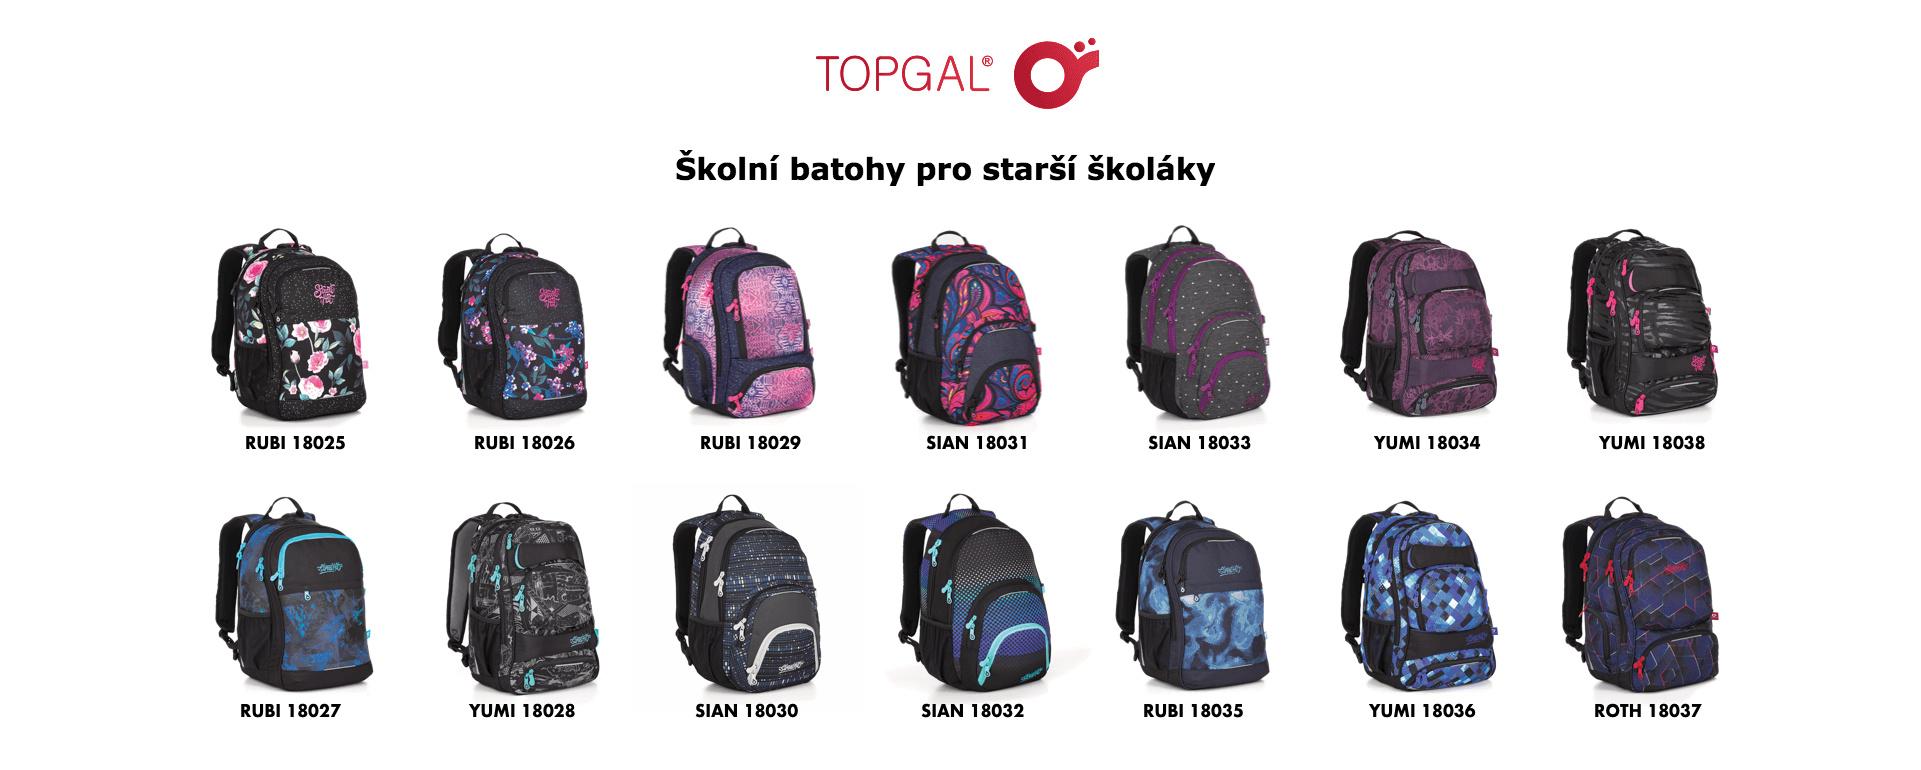 1c9a0cd1506 Pro bezpečnost Vašich dětí při návratu ze školy či odpoledních kroužků jsou  batohy vybaveny reflexními prvky.